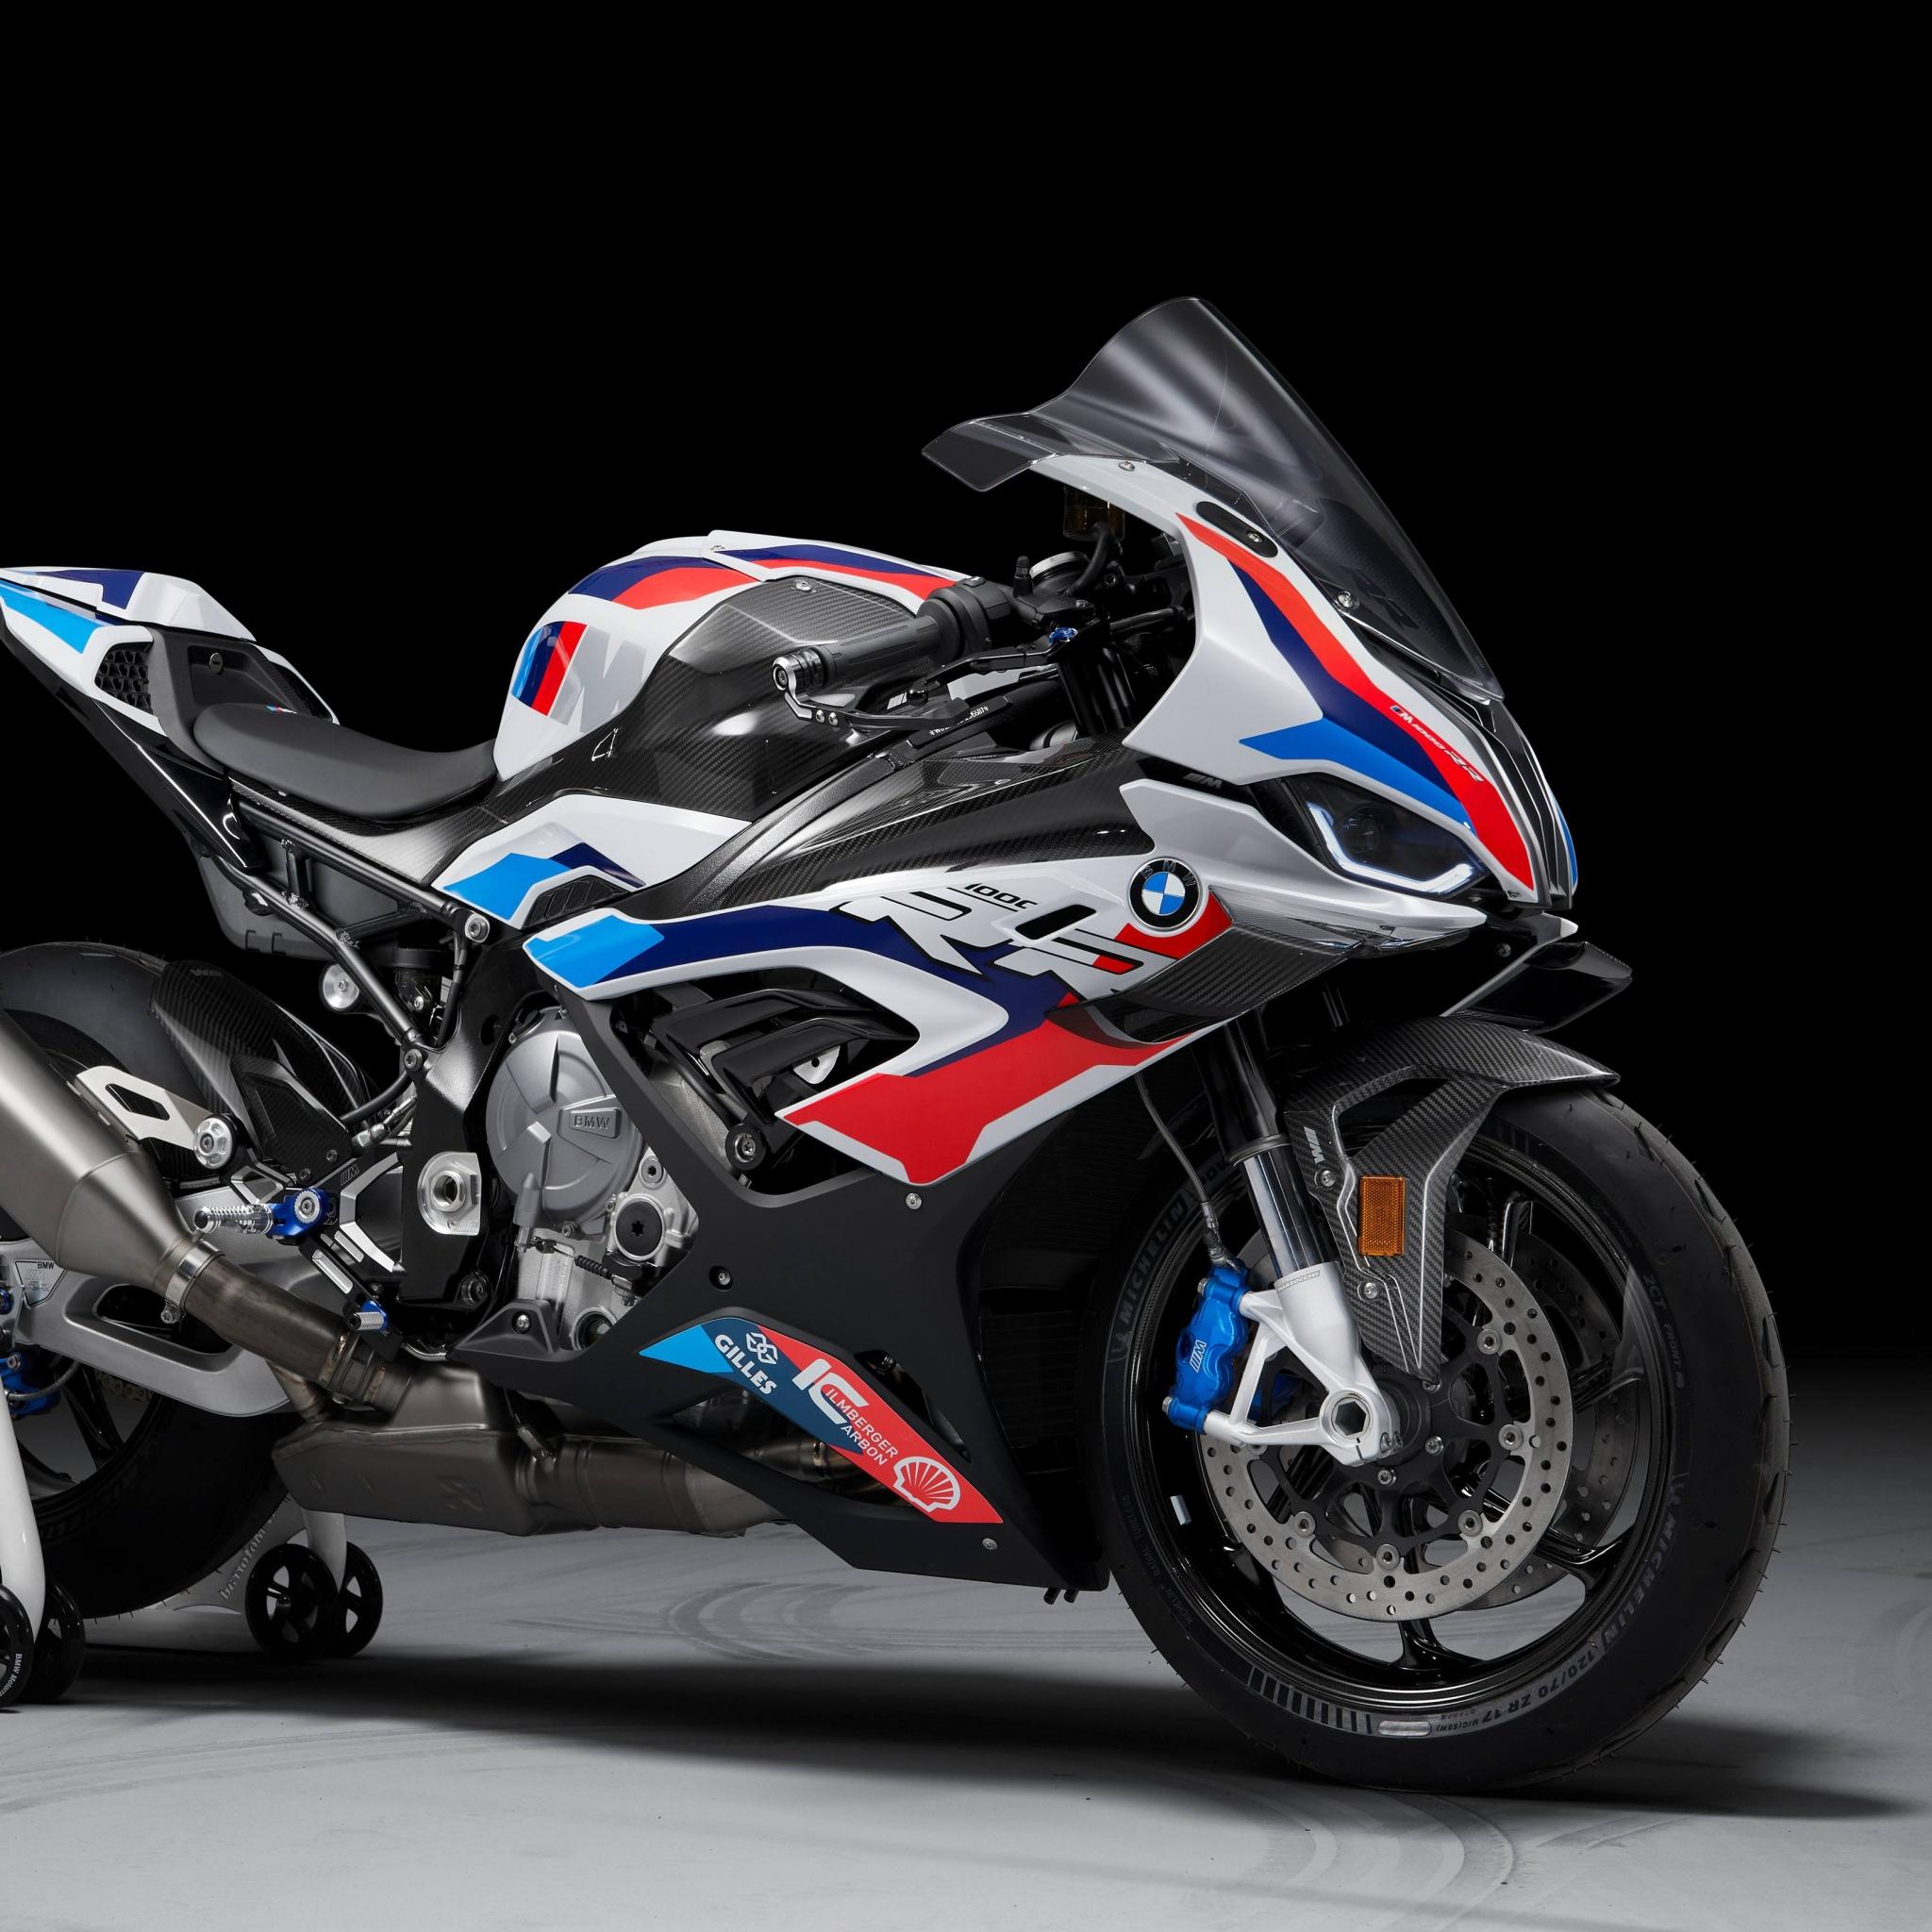 BMW M 1000 RR 4K Wallpaper, Race bikes, 2021, Black ...